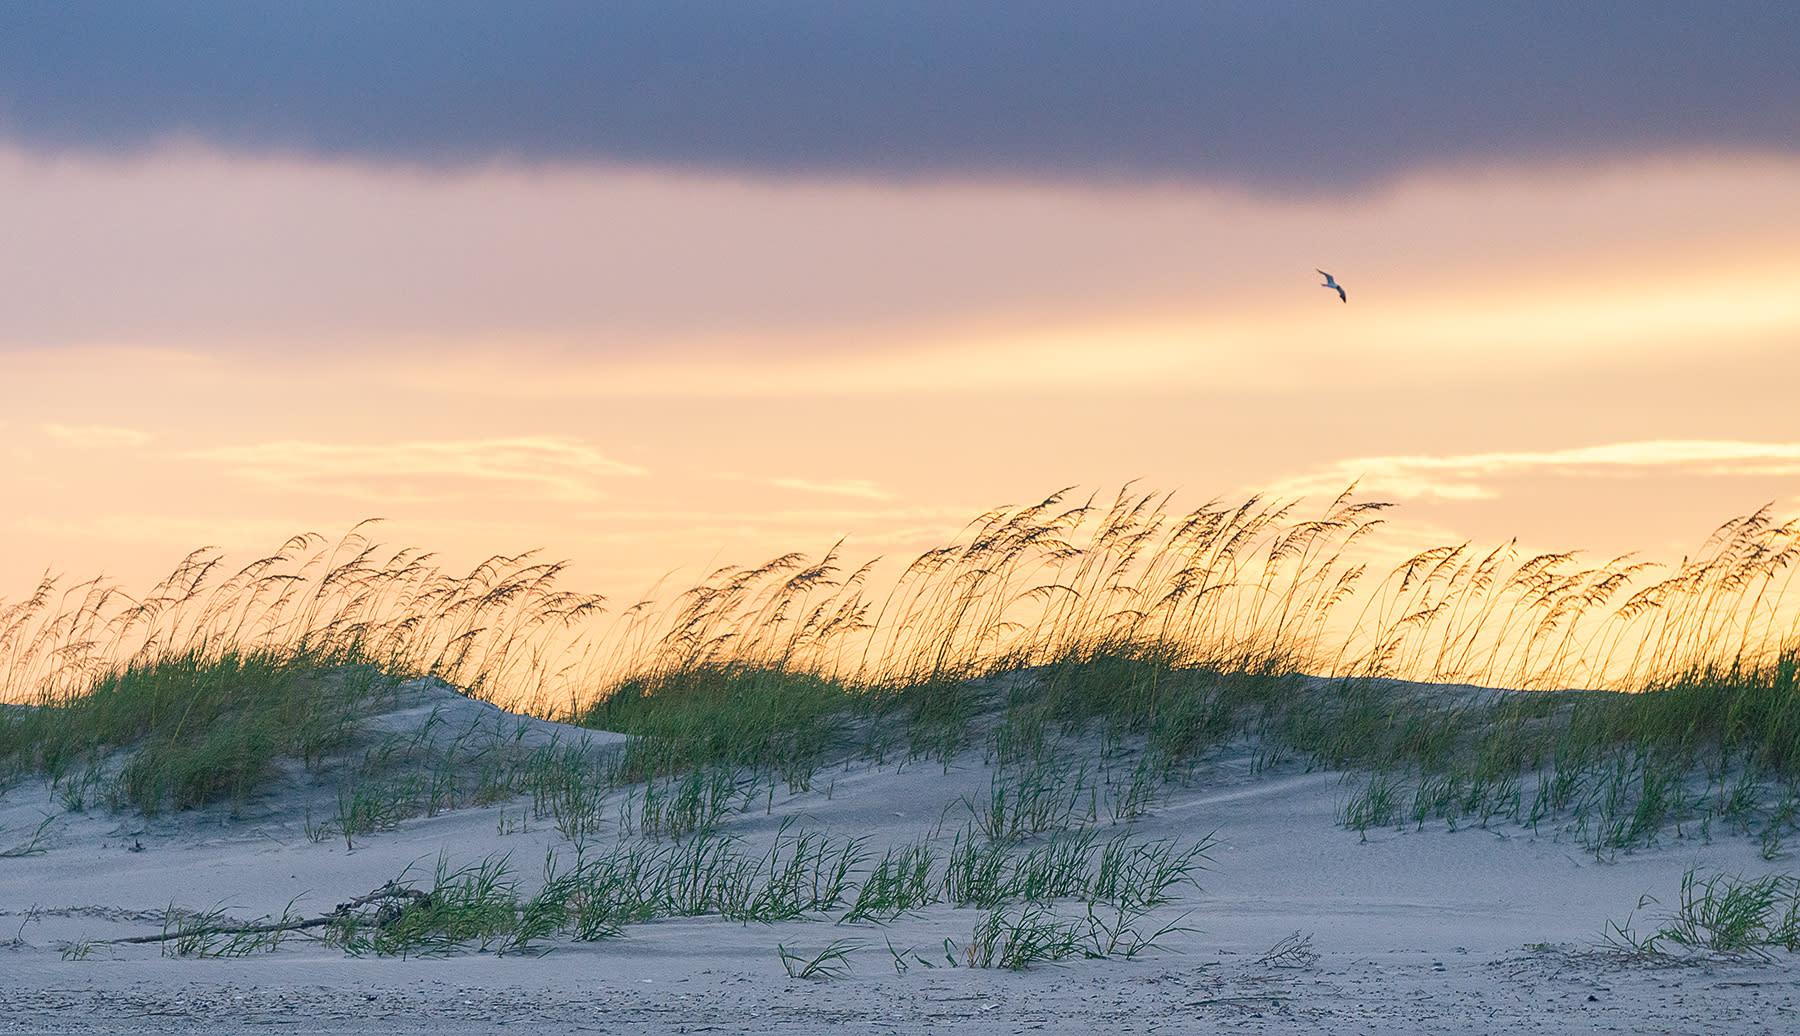 <div class='title'>           Folly Sunset Sand dunes and bird         </div>